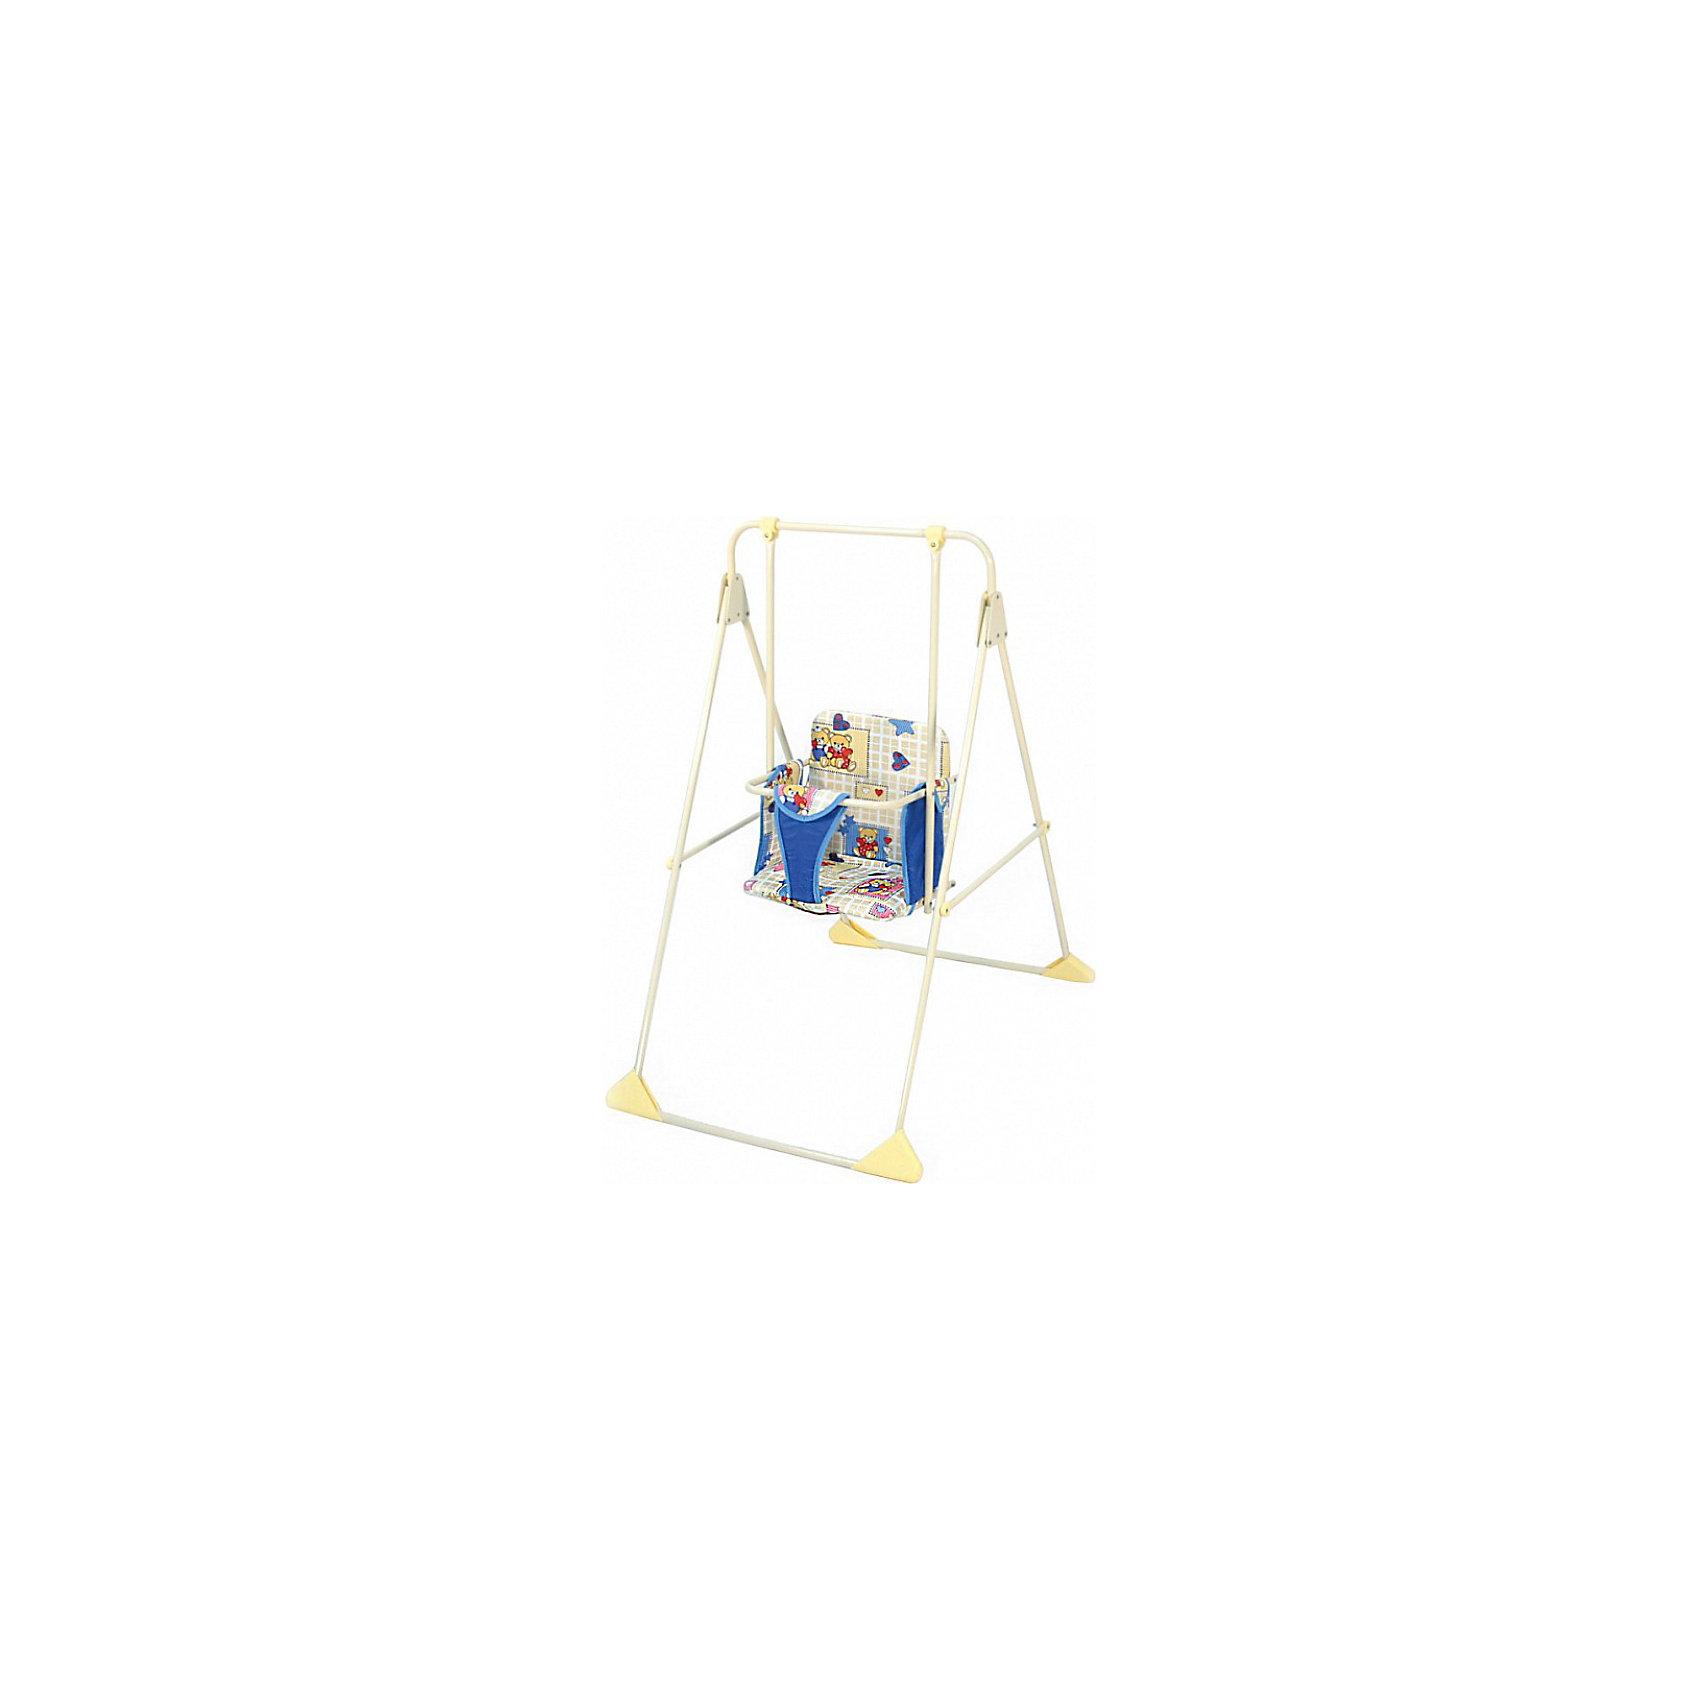 Качели детские Ветерок, Globex, бежевыйКачели напольные и подвесные<br>Напольные качели Ветерок позволят занять ребенка, не беспокоясь при этом о его безопасности. Яркий цвет качелей привлечет внимание малыша. Эта модель очень удобна: есть система, предохраняющая от выскальзывания ребенка. Сиденье сделано из мягкого материала, который легко мыть.<br>Качели можно легко сложить даже одной рукой! Конструкция  - очень устойчивая, легкая. В сложенном виде занимает минимум места. Изделие произведено из качественных и безопасных для малышей материалов, оно соответствуют всем современным требованиям безопасности.<br> <br>Дополнительная информация:<br><br>цвет: бежевый;<br>материал: металл, пластик;<br>механизм крепежа абсолютно прост и надежен;<br>легко складываются;<br>компактный размер в сложенном виде;<br>мягкая, приятная на ощупь легко моющимся обивка сиденья;<br>в качестве обеспечения безопасности у качелей предусмотрены высокие ограничительные подлокотники;<br>бампер-поручень для ручек ребёнка;<br>широкий мягкий ограничительный ремешок между ножек, для защиты от выскальзывания вниз;<br>окрашивание – порошковое, устойчивое к воздействиям внешней среды;<br>максимальная нагрузка: 15 кг;<br>размер в разложенном состоянии: 56х107х72 см.<br><br>Качели детские Ветерок, бежевый, от компании Globex можно купить в нашем магазине.<br><br>Ширина мм: 1070<br>Глубина мм: 560<br>Высота мм: 490<br>Вес г: 3000<br>Возраст от месяцев: 6<br>Возраст до месяцев: 24<br>Пол: Унисекс<br>Возраст: Детский<br>SKU: 4720001